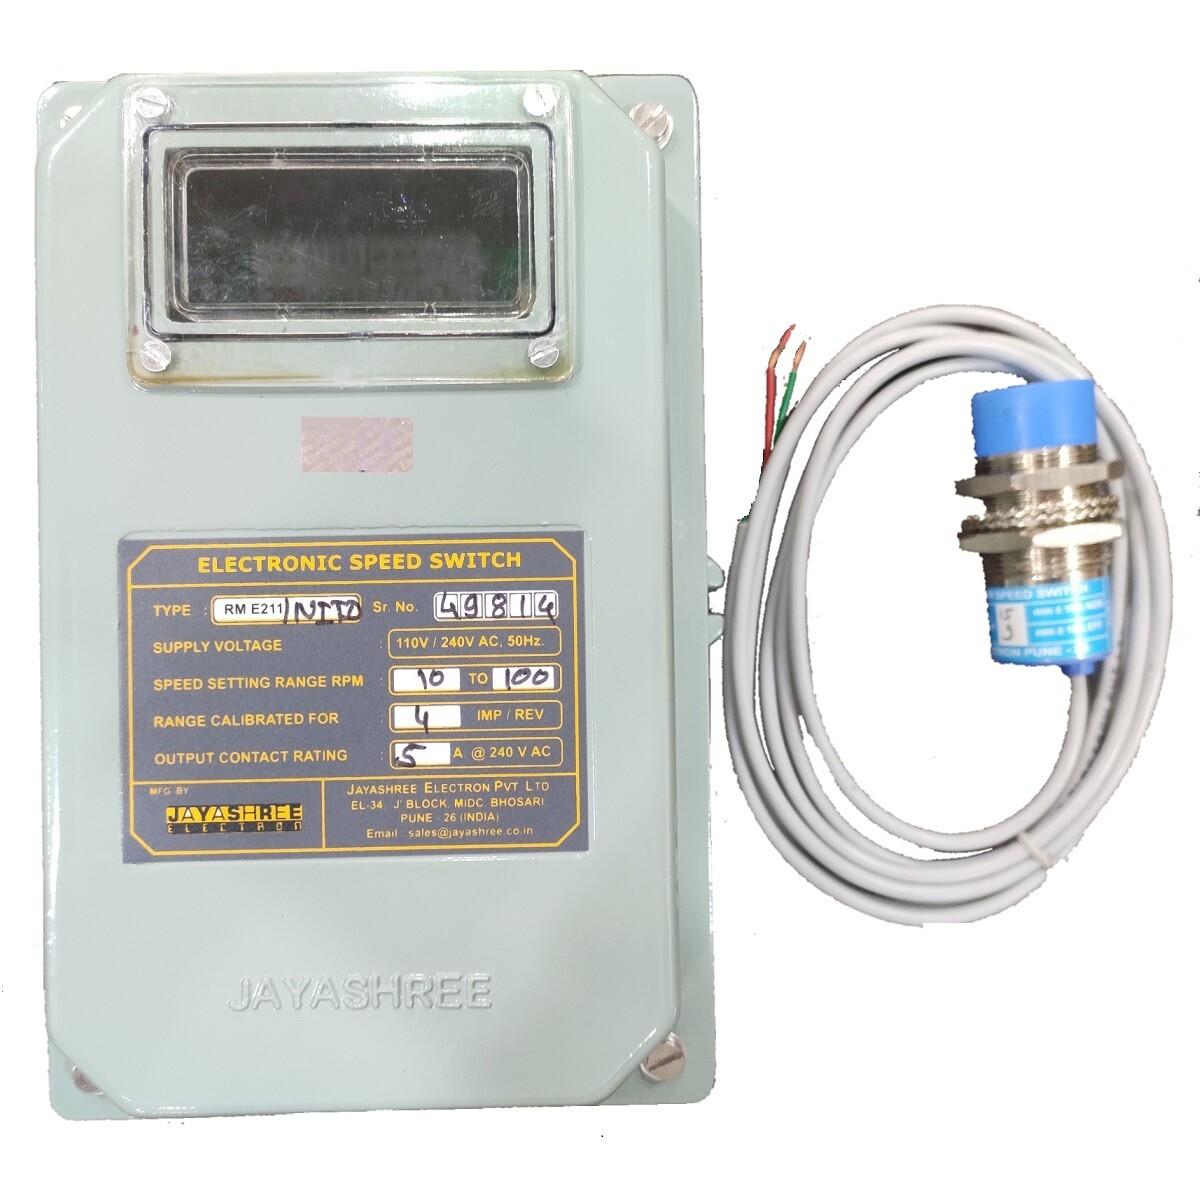 Jayashree RME211 / NITD - Zero Speed Switch